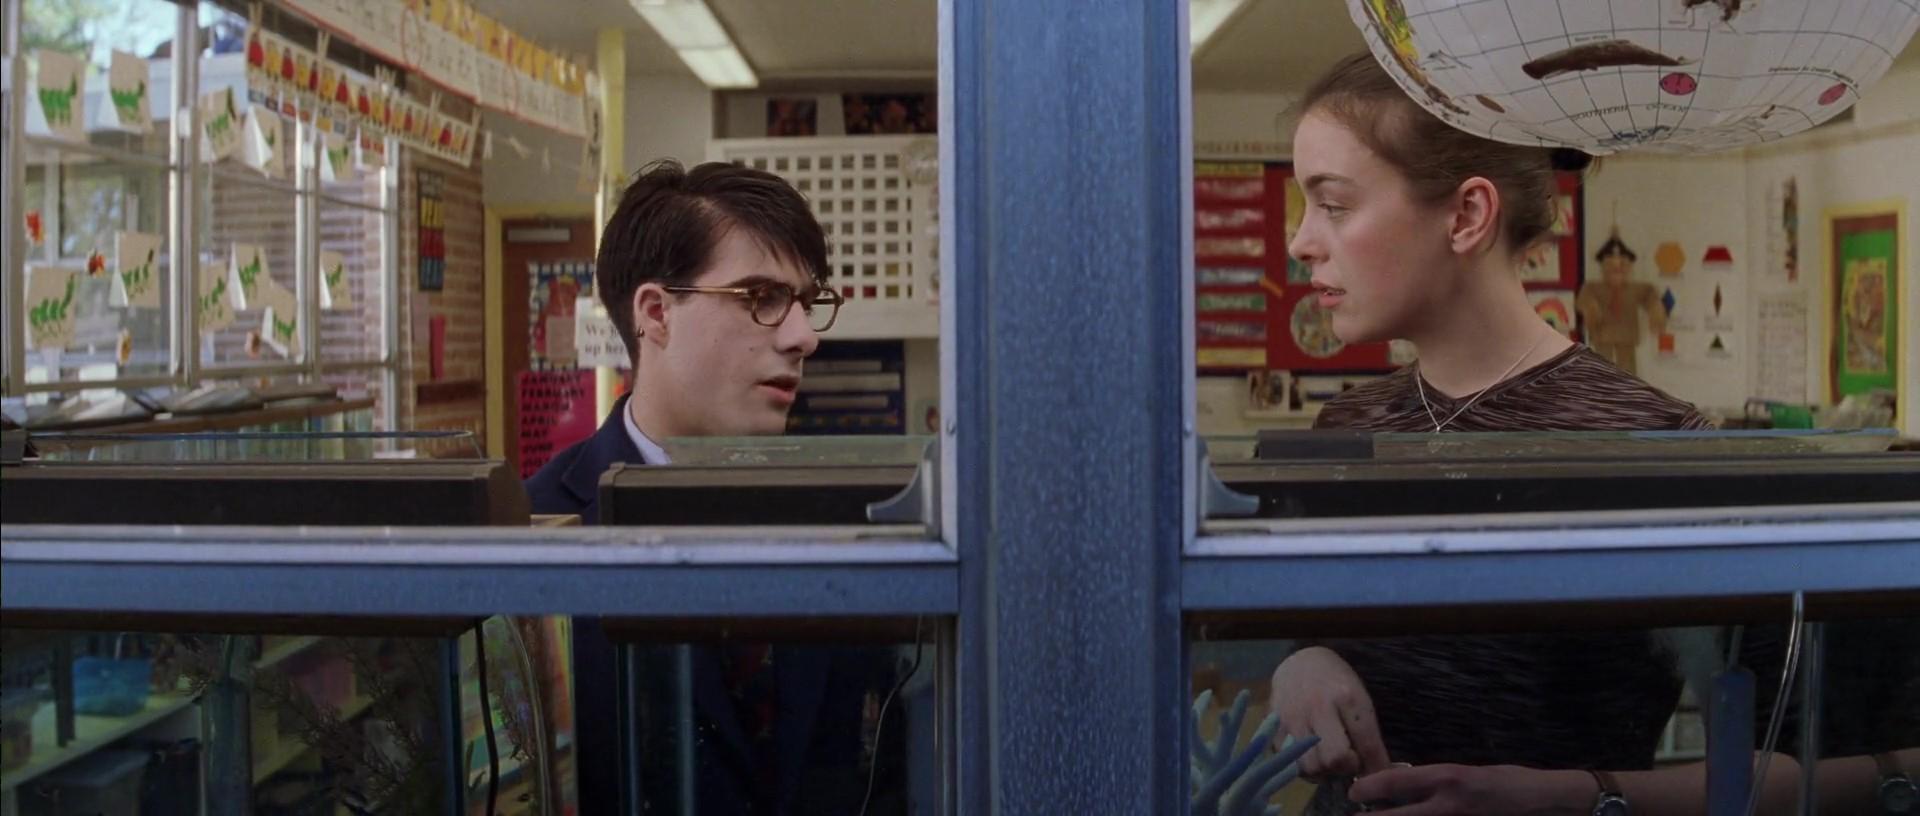 Academia Rushmore (1998) BDrip Dual